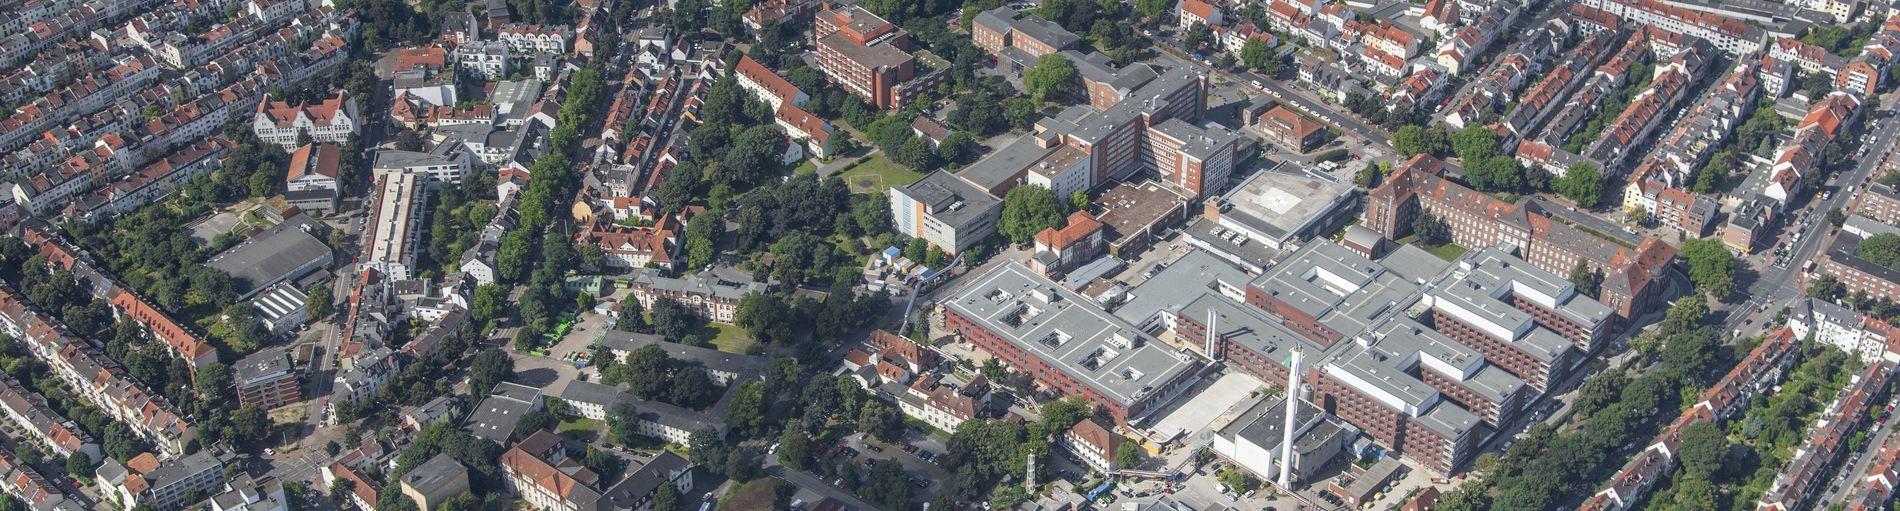 Luftbild zeigt das Klinikumgelände